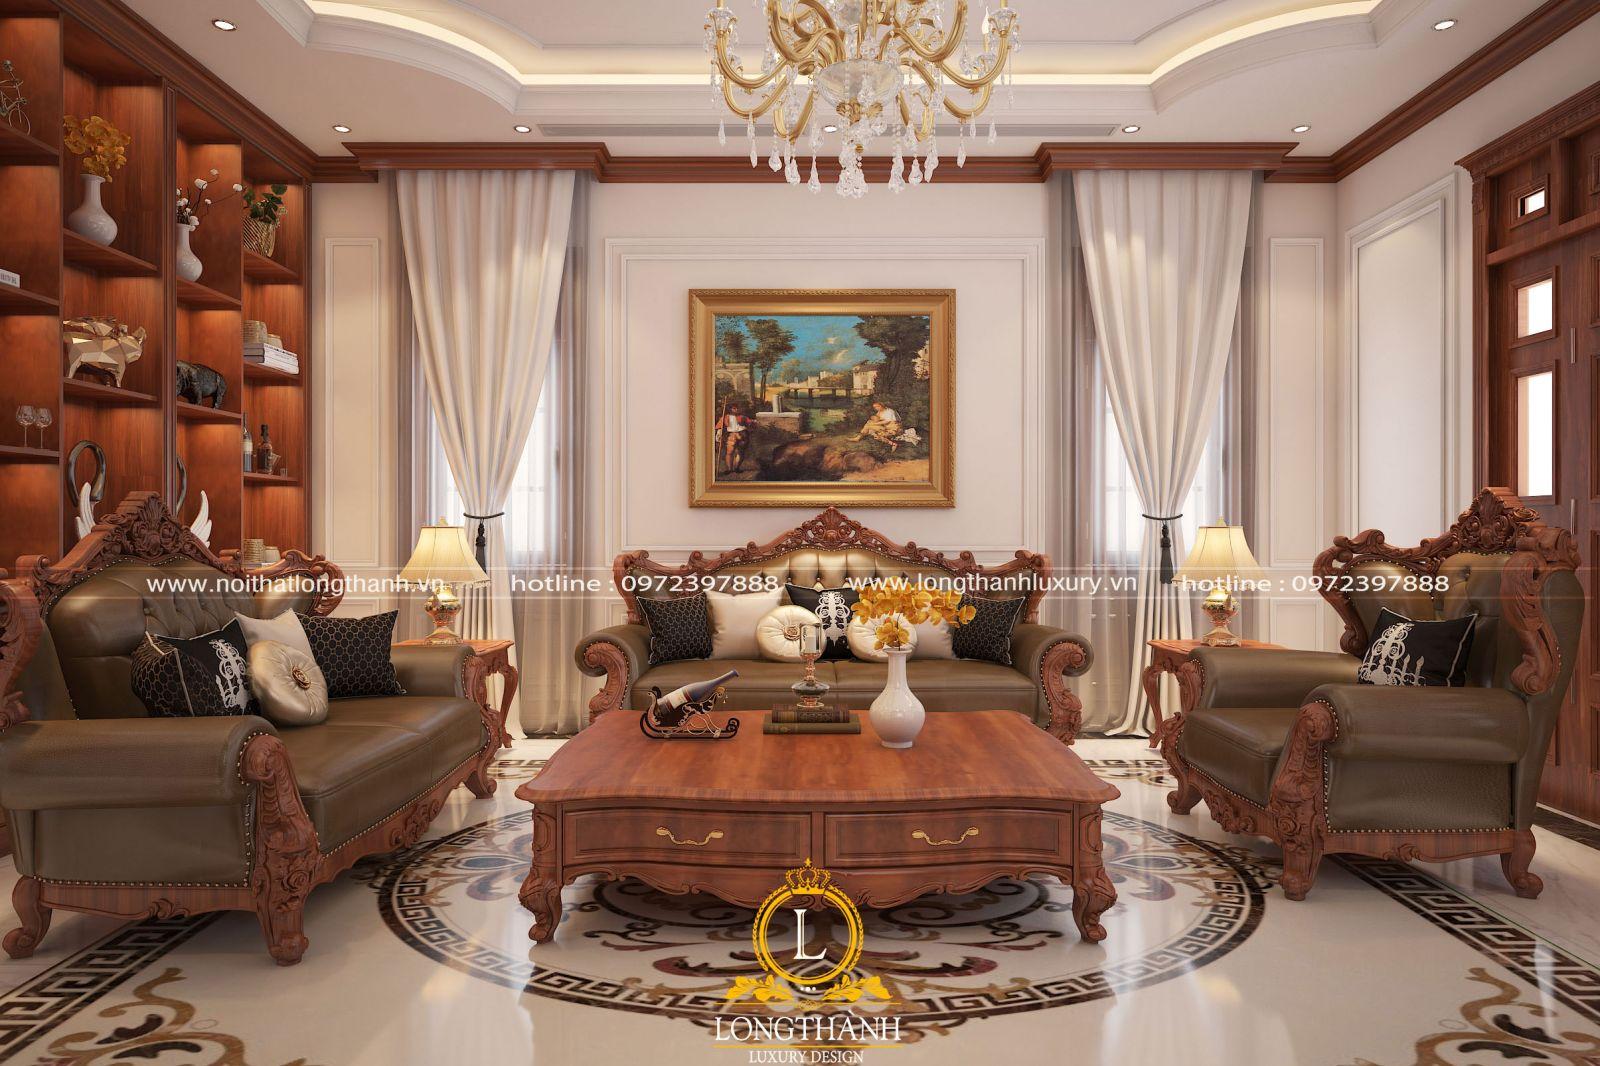 Mẫu sofa tân cổ điển cho không gian phòng khách cao cấp